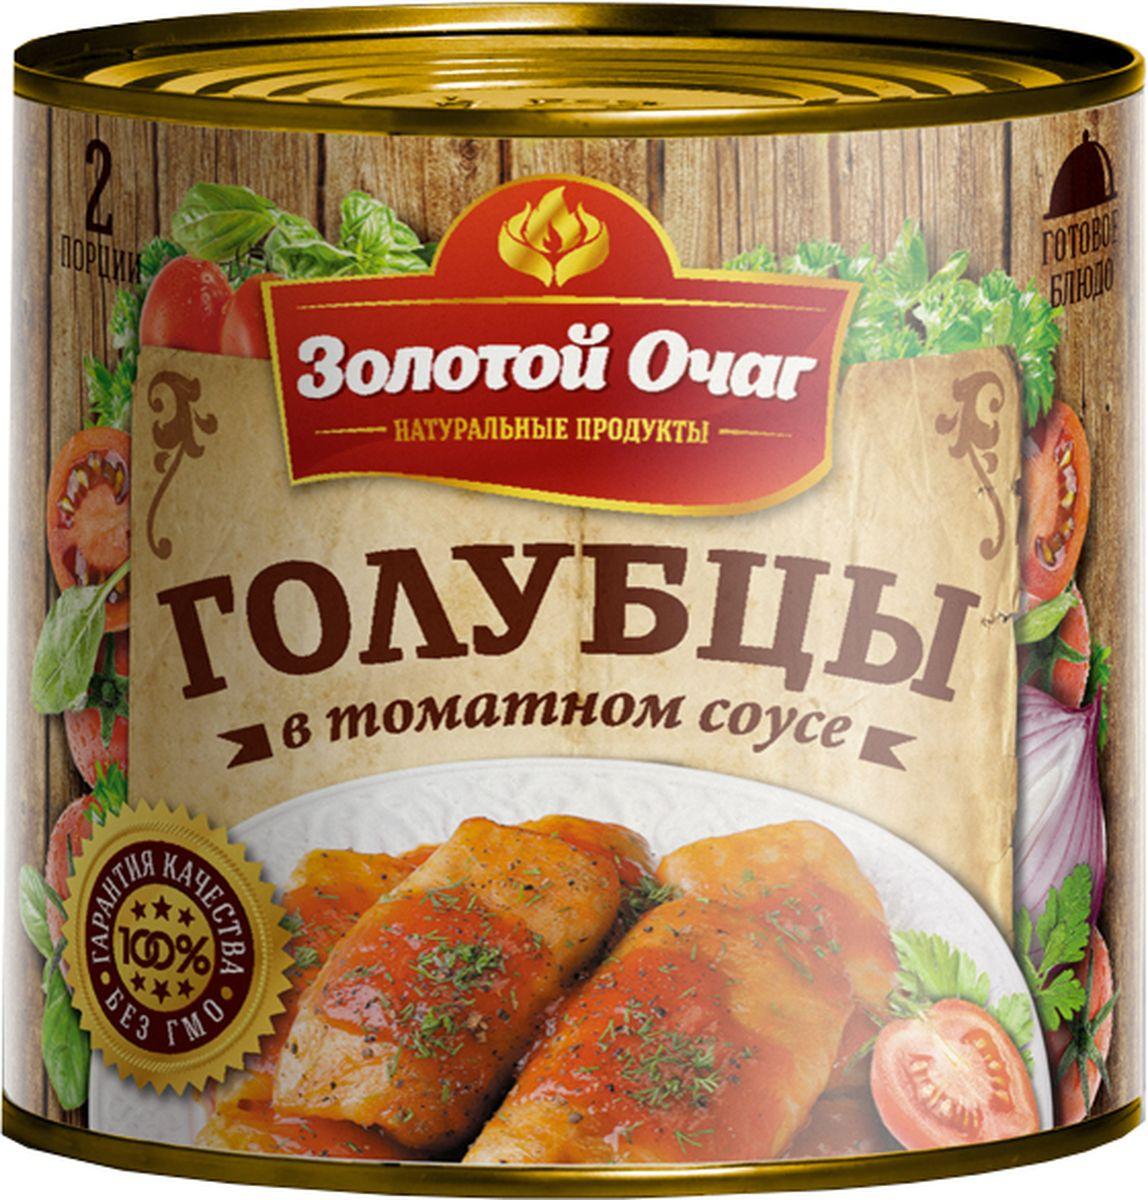 Золотой Очаг голубцы фаршированные c мясом и рисом, 540 г4607816070010Продукт готов к употреблению. Перед употреблением рекомендуется разогреть.